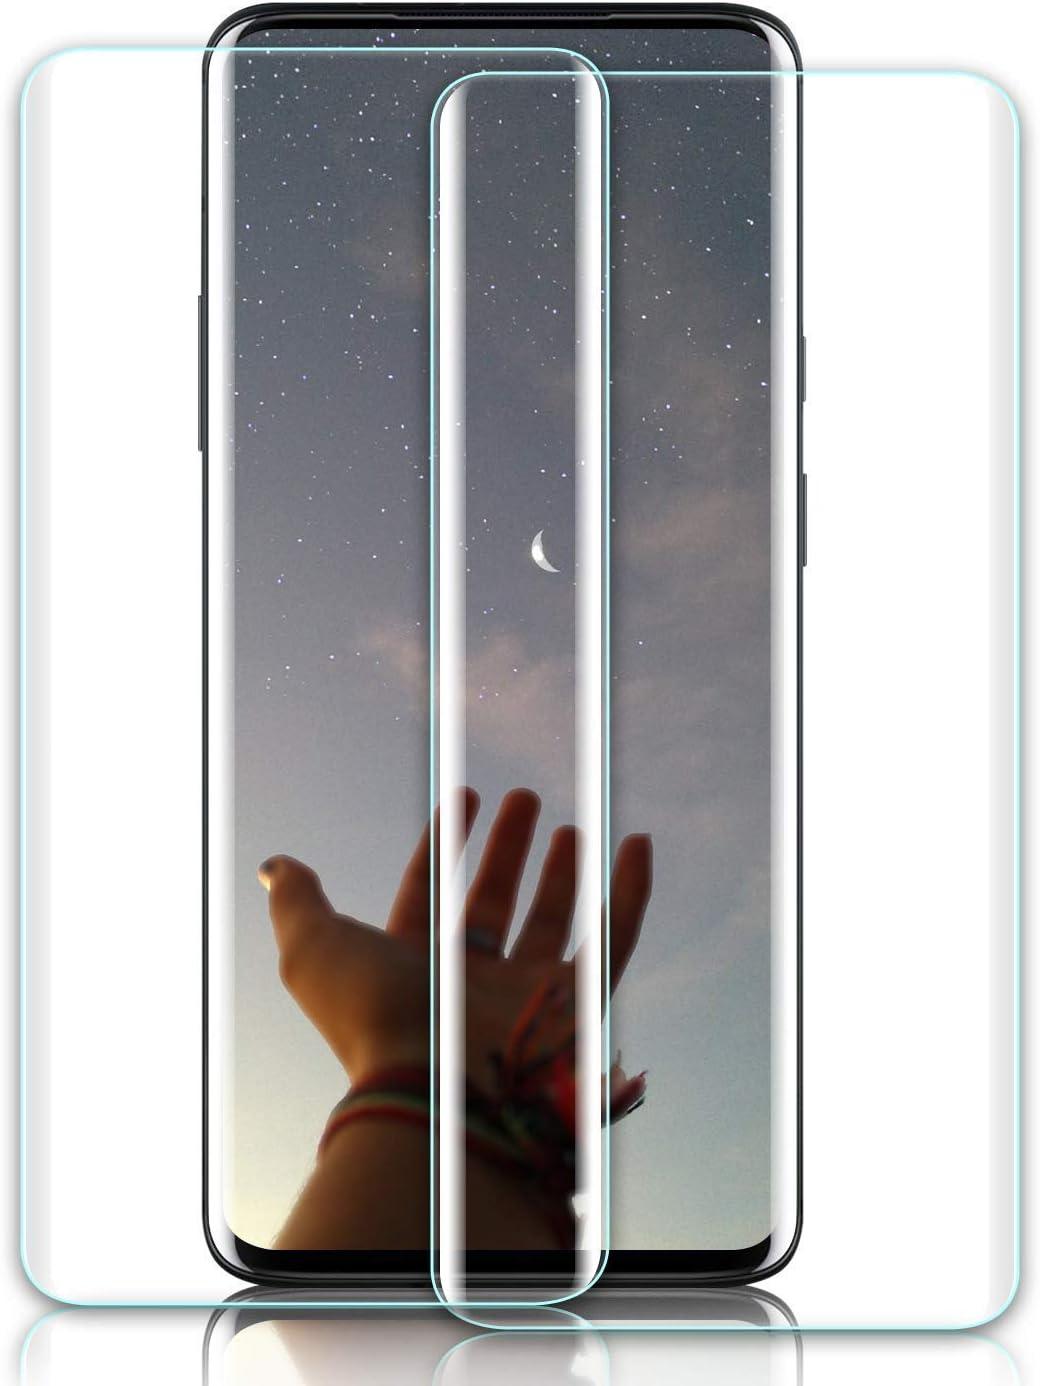 50er Set bornes de conexi/ón Wago 25x 2 hilos 15x 3 hilos 10x 5 hilos con palanca 0,5-6 qmm dise/ño peque/ño transparente